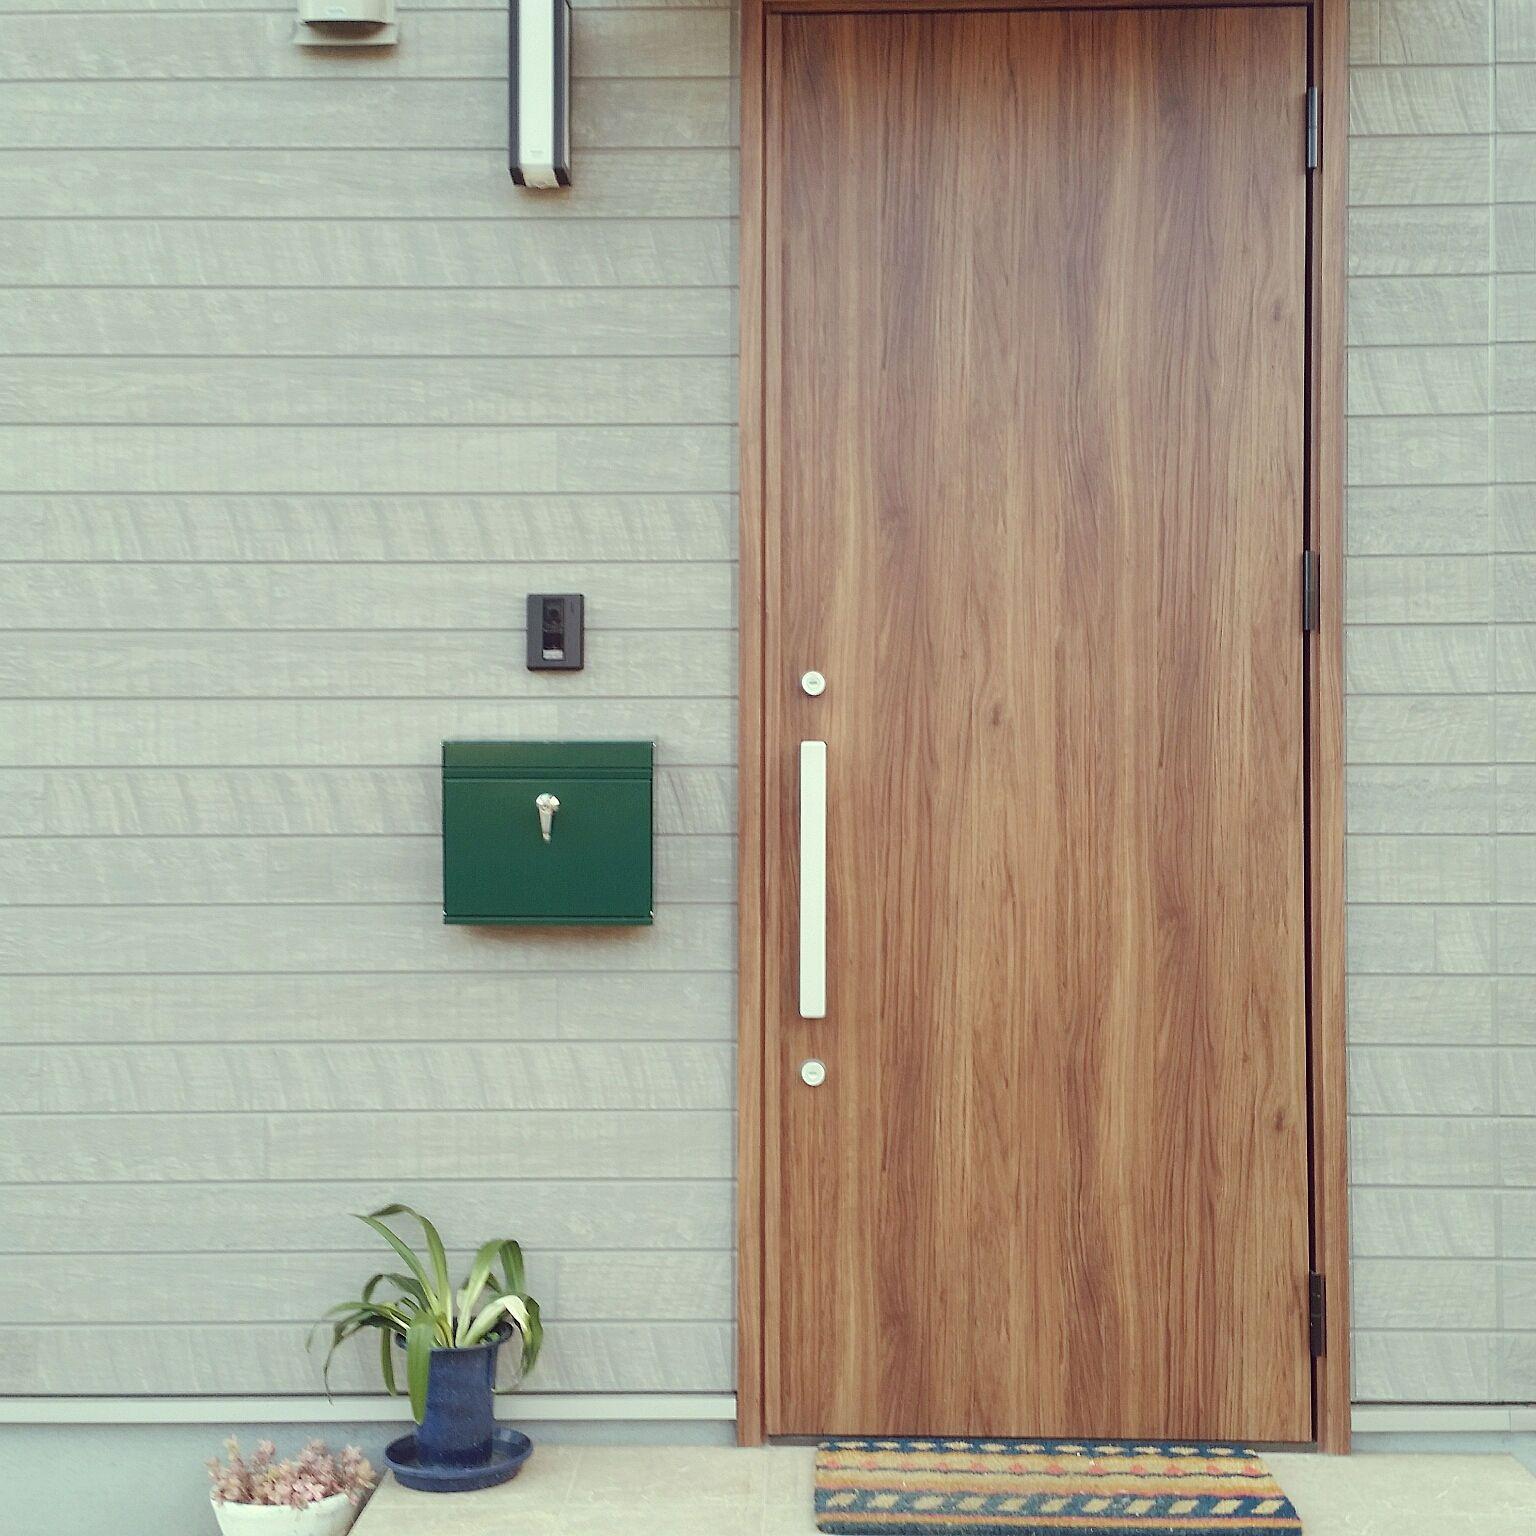 玄関 入り口 Lixil 玄関ドア ジエスタ2 M17型 などのインテリア実例 2019 01 14 20 24 28 Roomclip ルームクリップ 2020 玄関ドア 玄関ドア リクシル 玄関